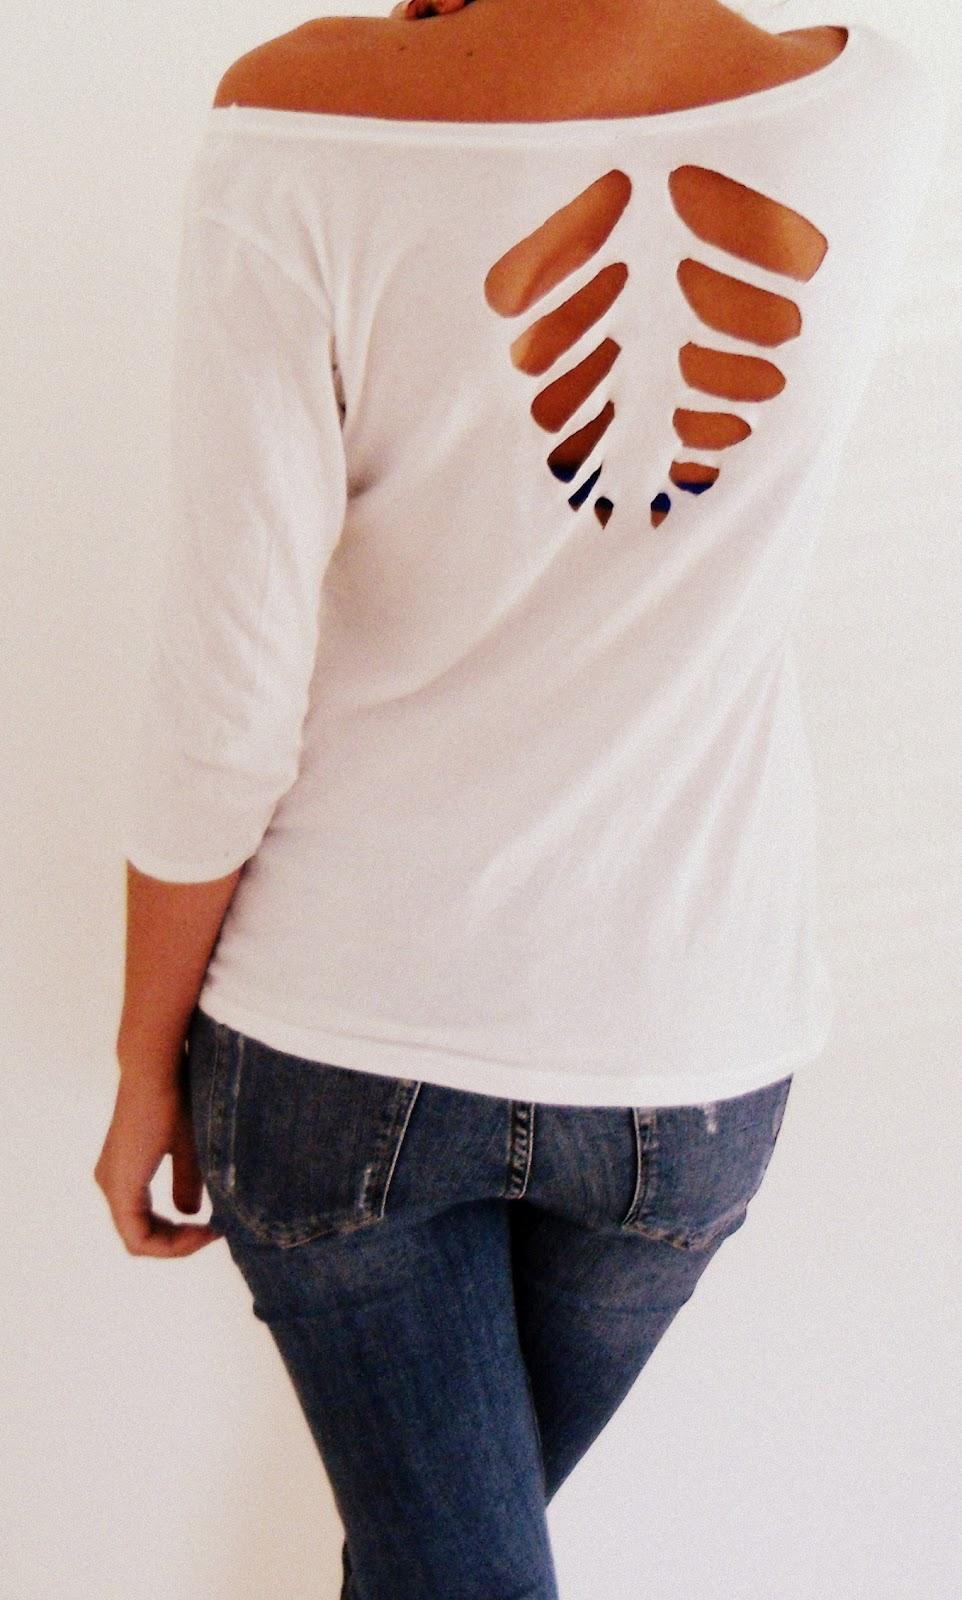 Berühmt daisyadore: DIY 1- Cut out Shirt #NS_64